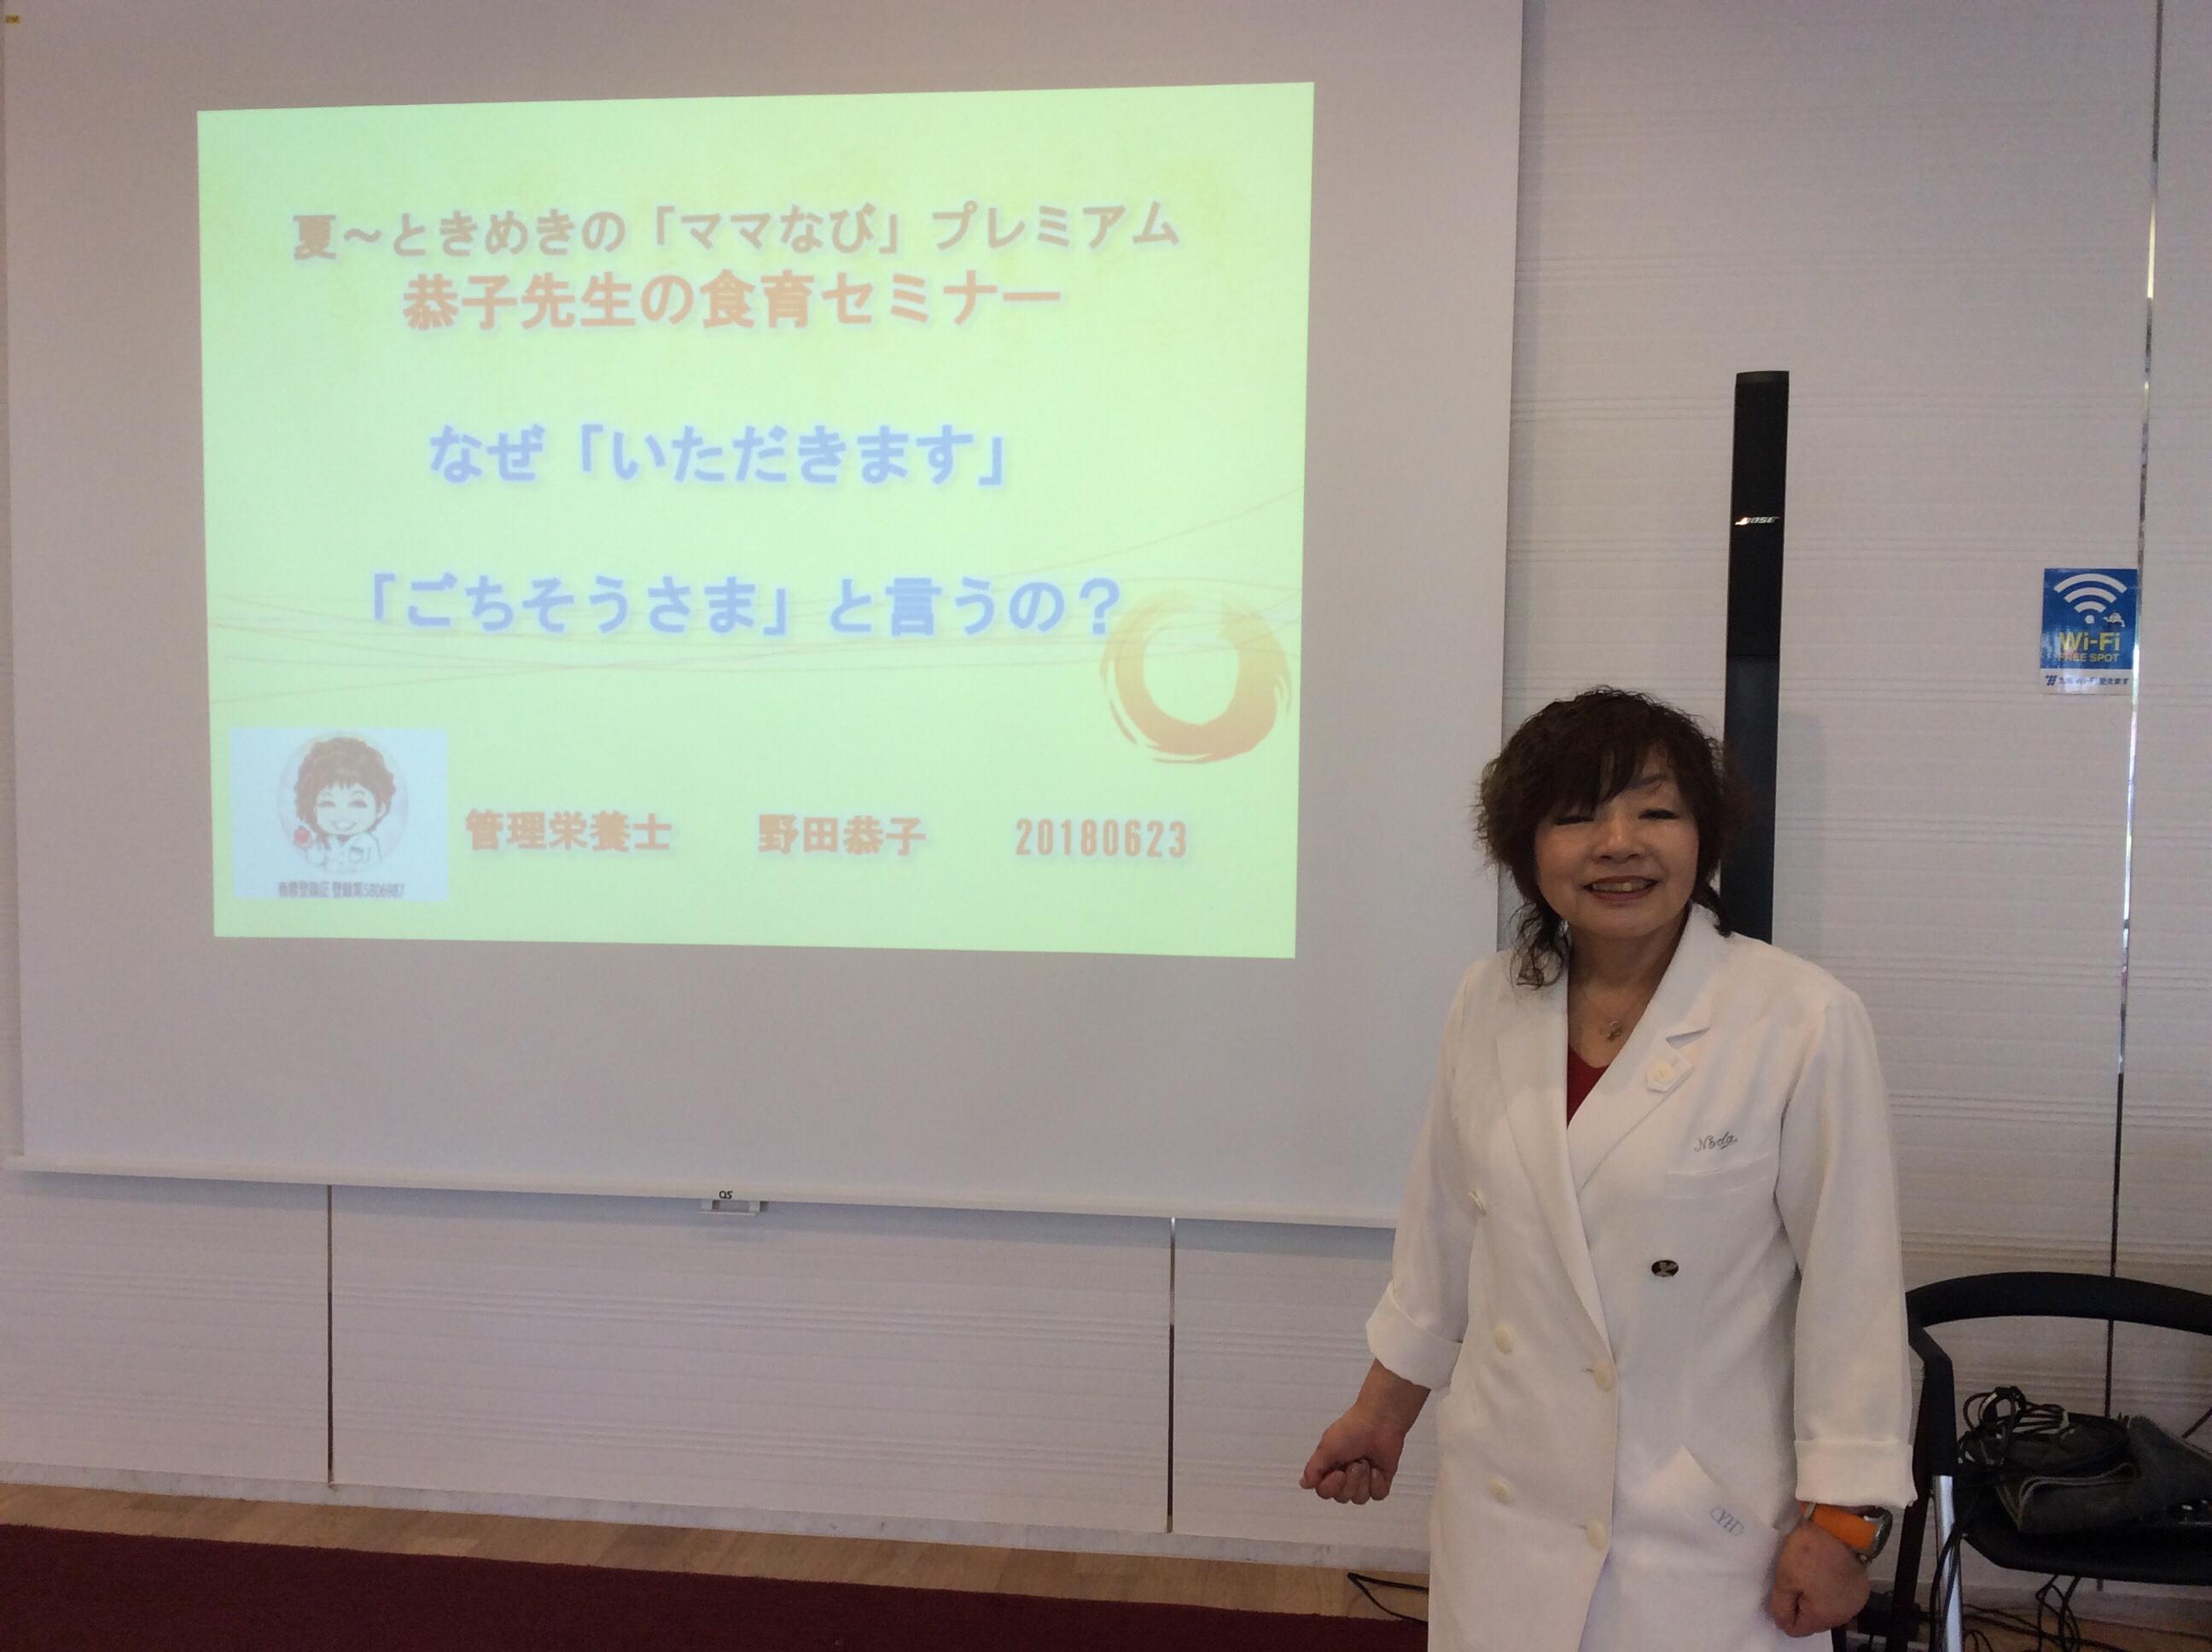 九州電力社の楽しいイベント終了